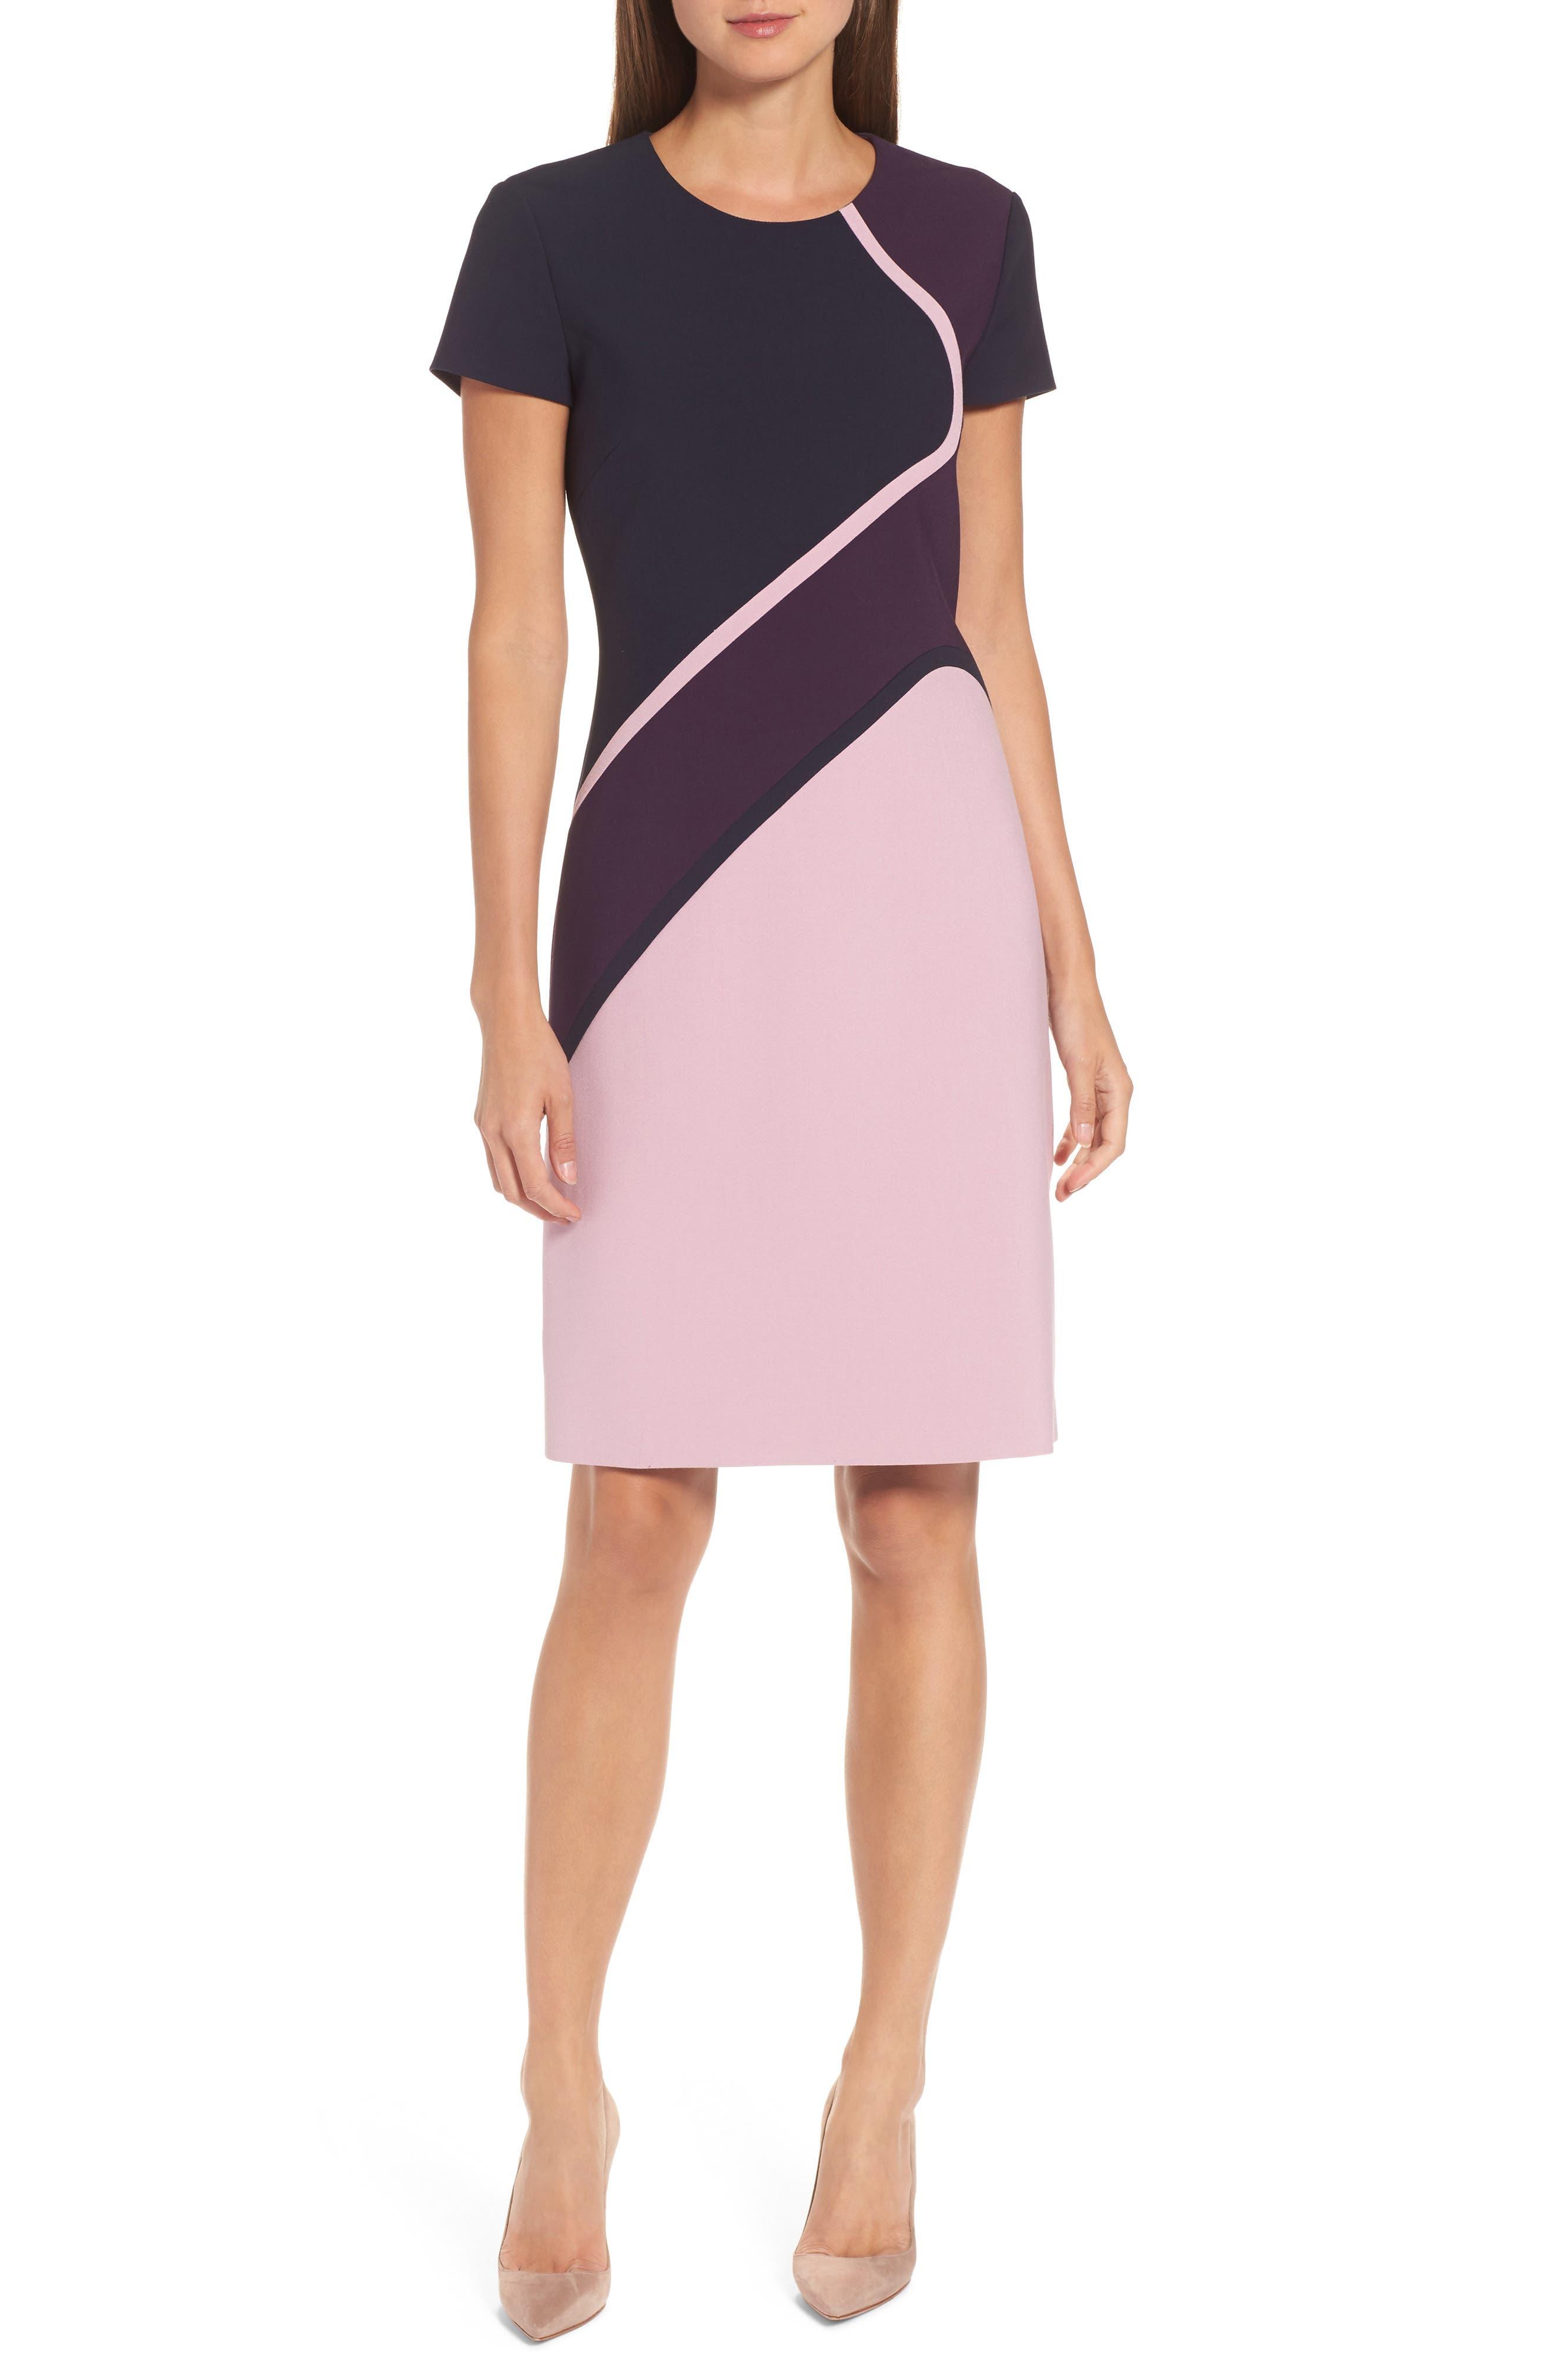 Dukatia Colorblock Sheath Dress,                         Main,                         color, 502